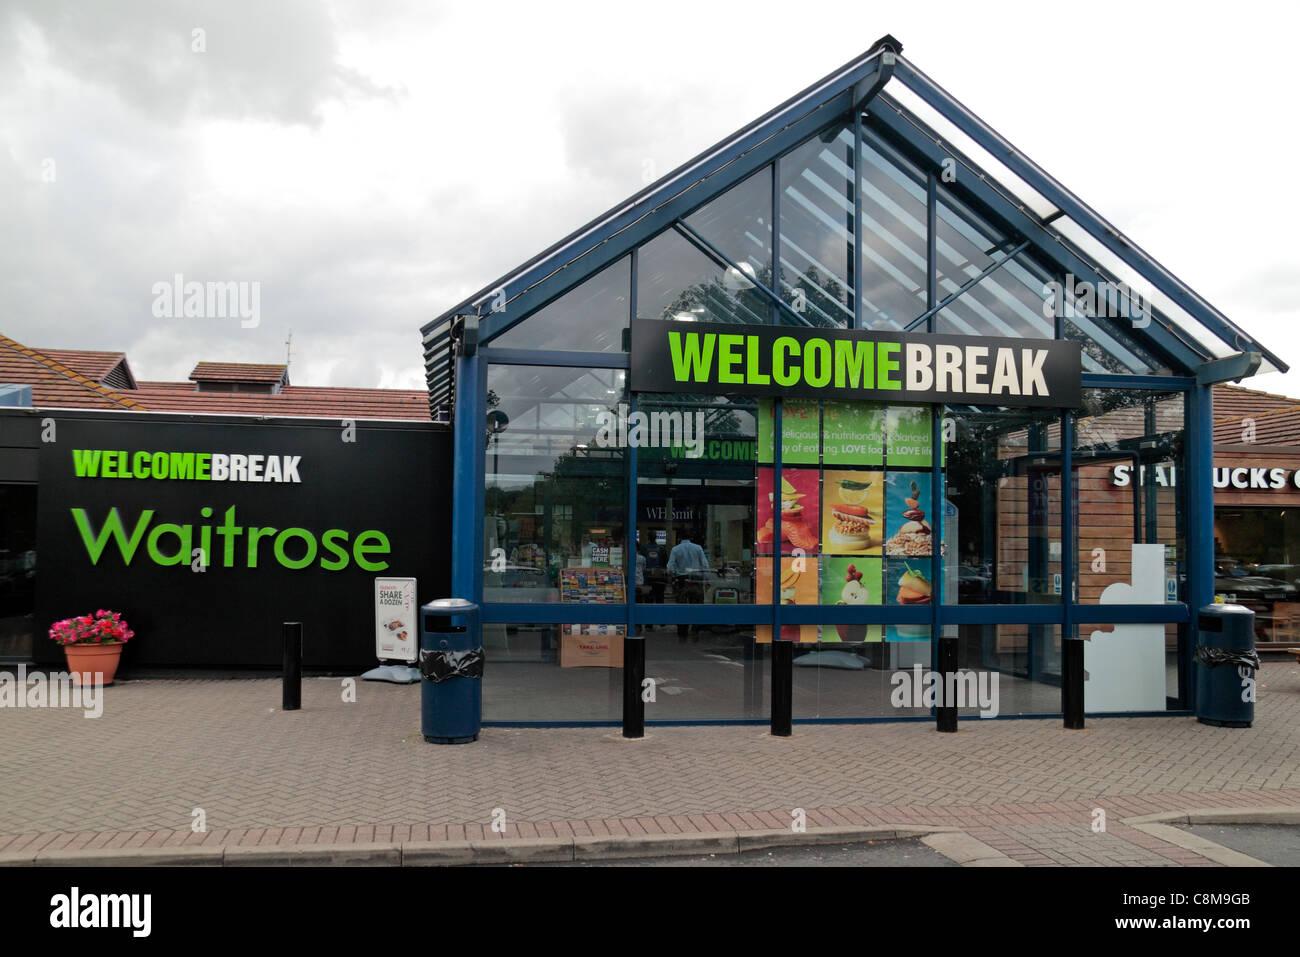 L'ingresso al Welcome Break stazione di servizio (southbound M40) vicino a Warwick, Warwickshire, Regno Unito Foto Stock